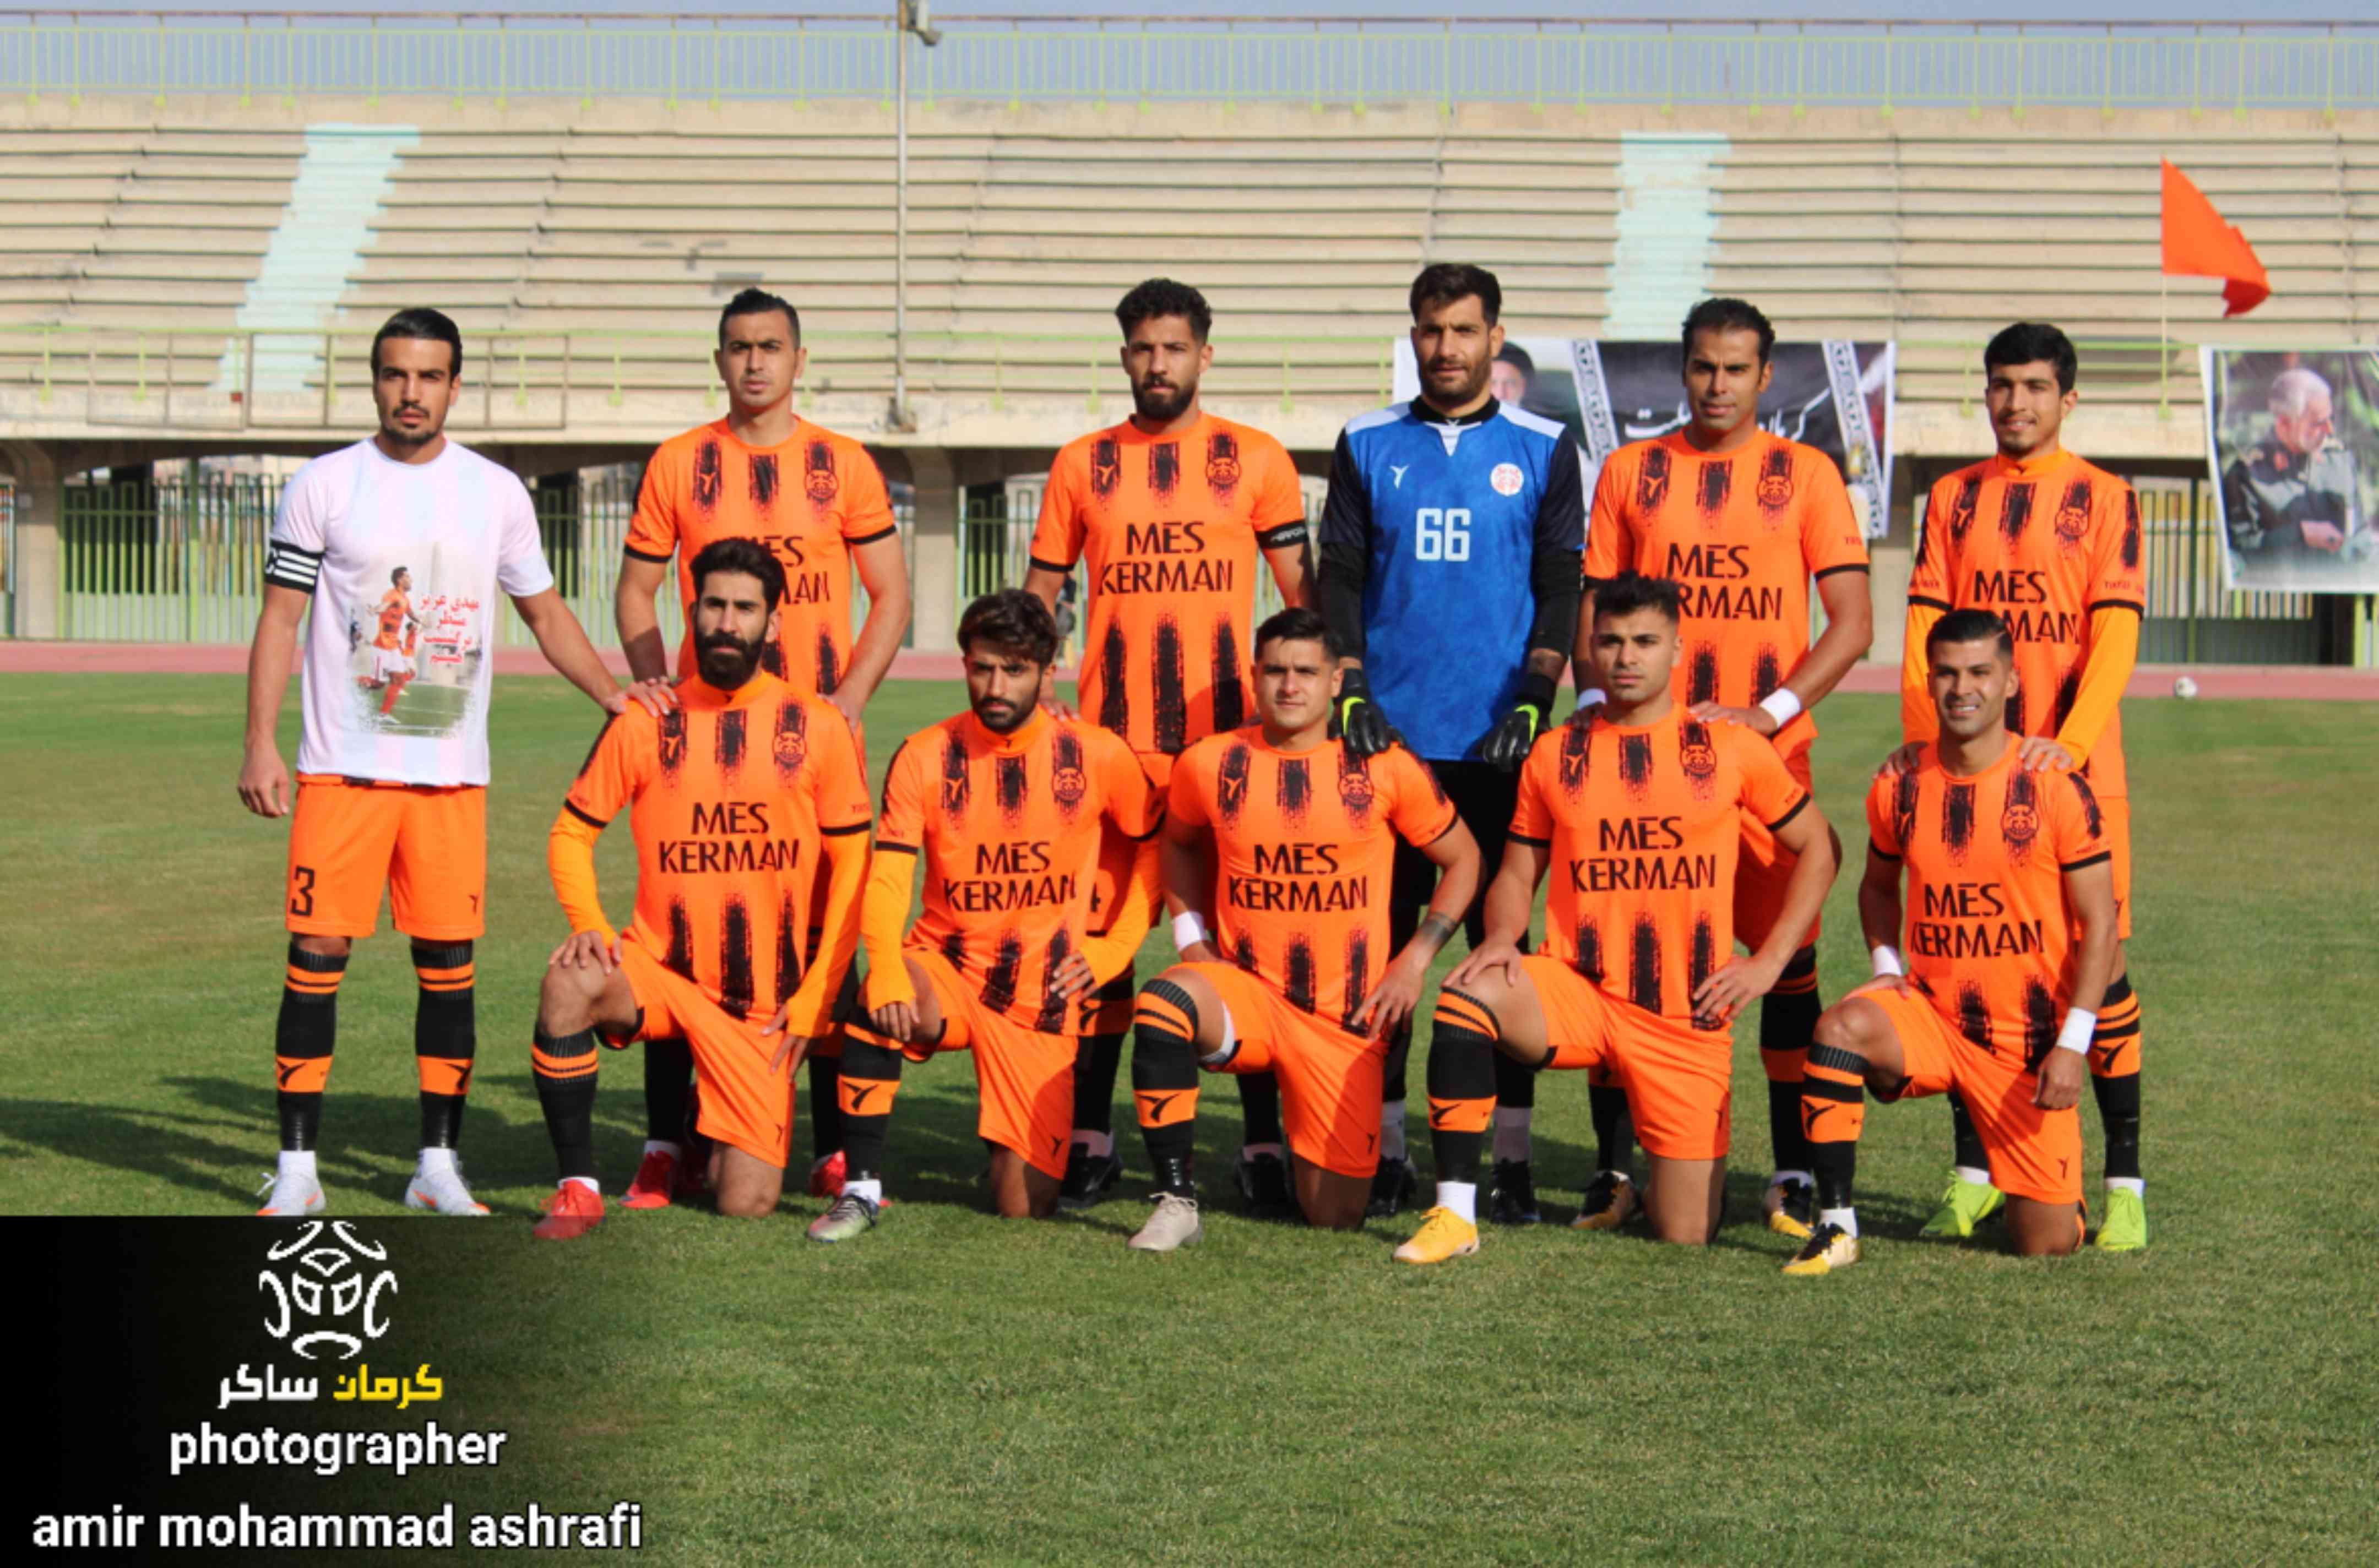 گزارش تصویری: هفته چهارم لیگ دسته اول فوتبال کشور/مس کرمان - فجر شهید سپاسی شیراز از نگاه دوربین امیرمحمداشرفی